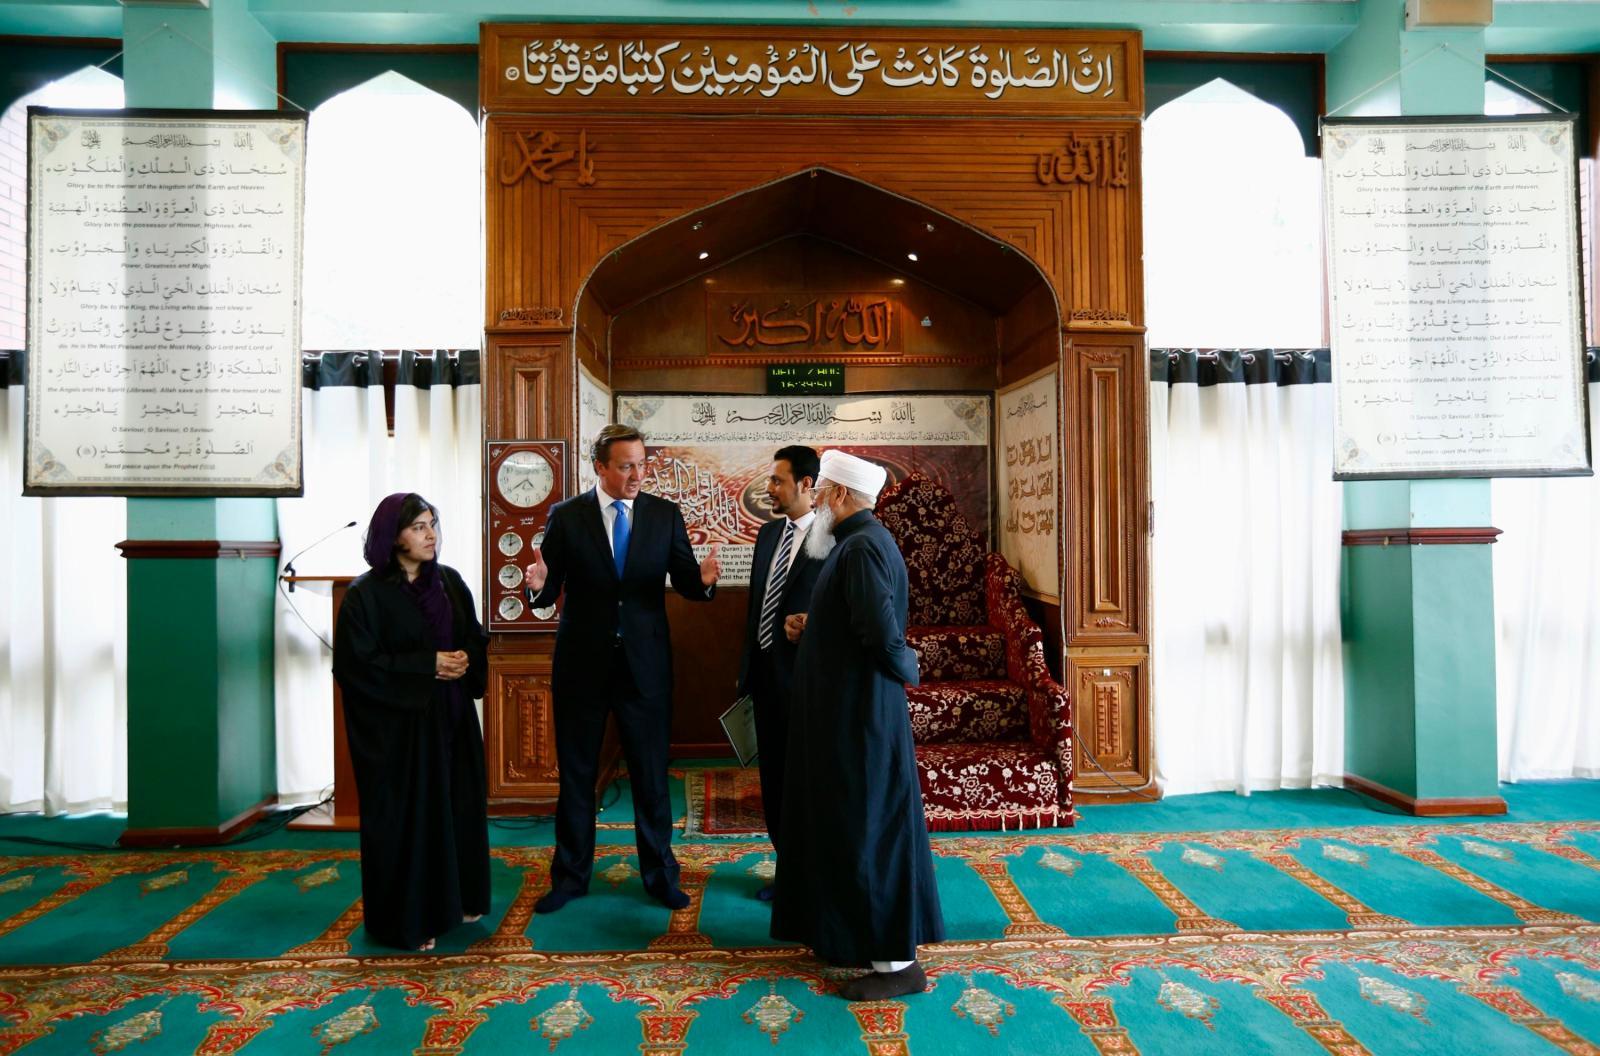 David Cameron na návštěvě v mešitě, kde vyjádřil sympatie k islámu.